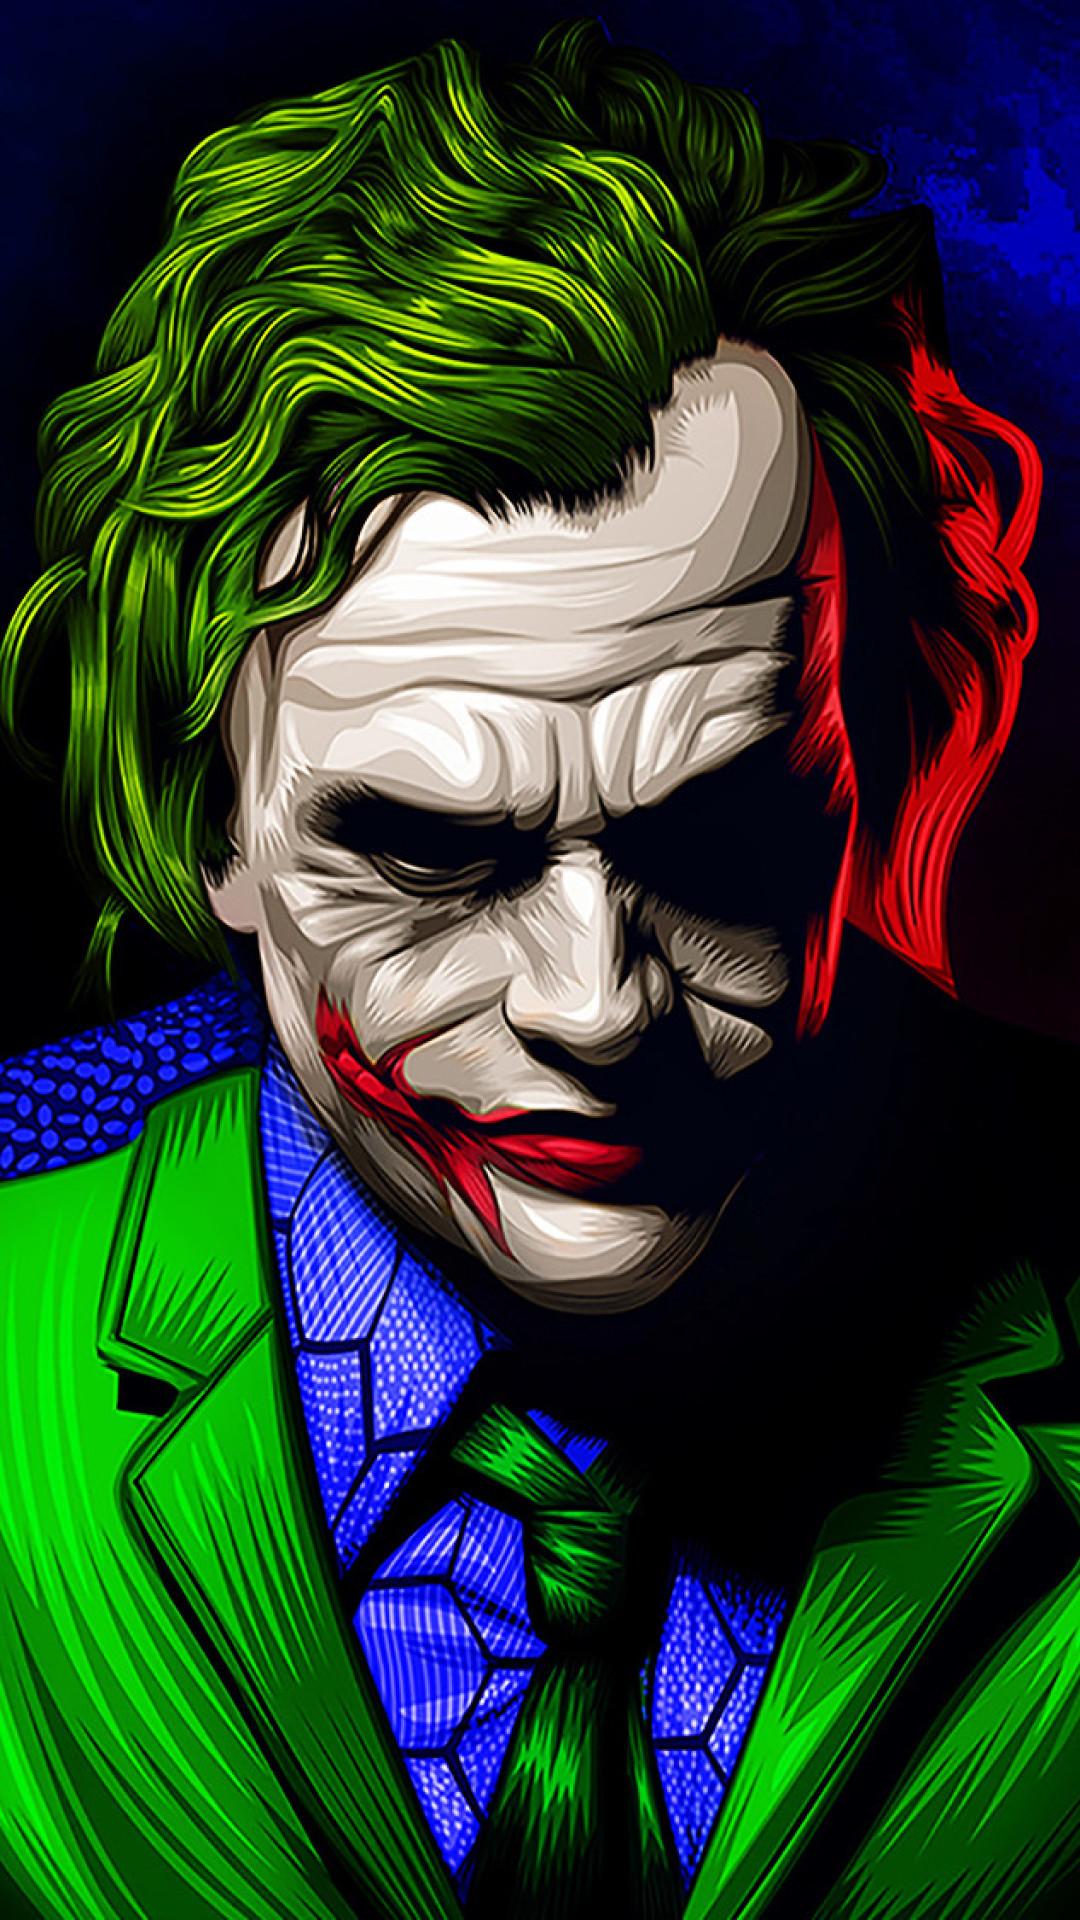 New Joker Wallpaper Ultra Hd Joker 4k 1080x1920 Download Hd Wallpaper Wallpapertip